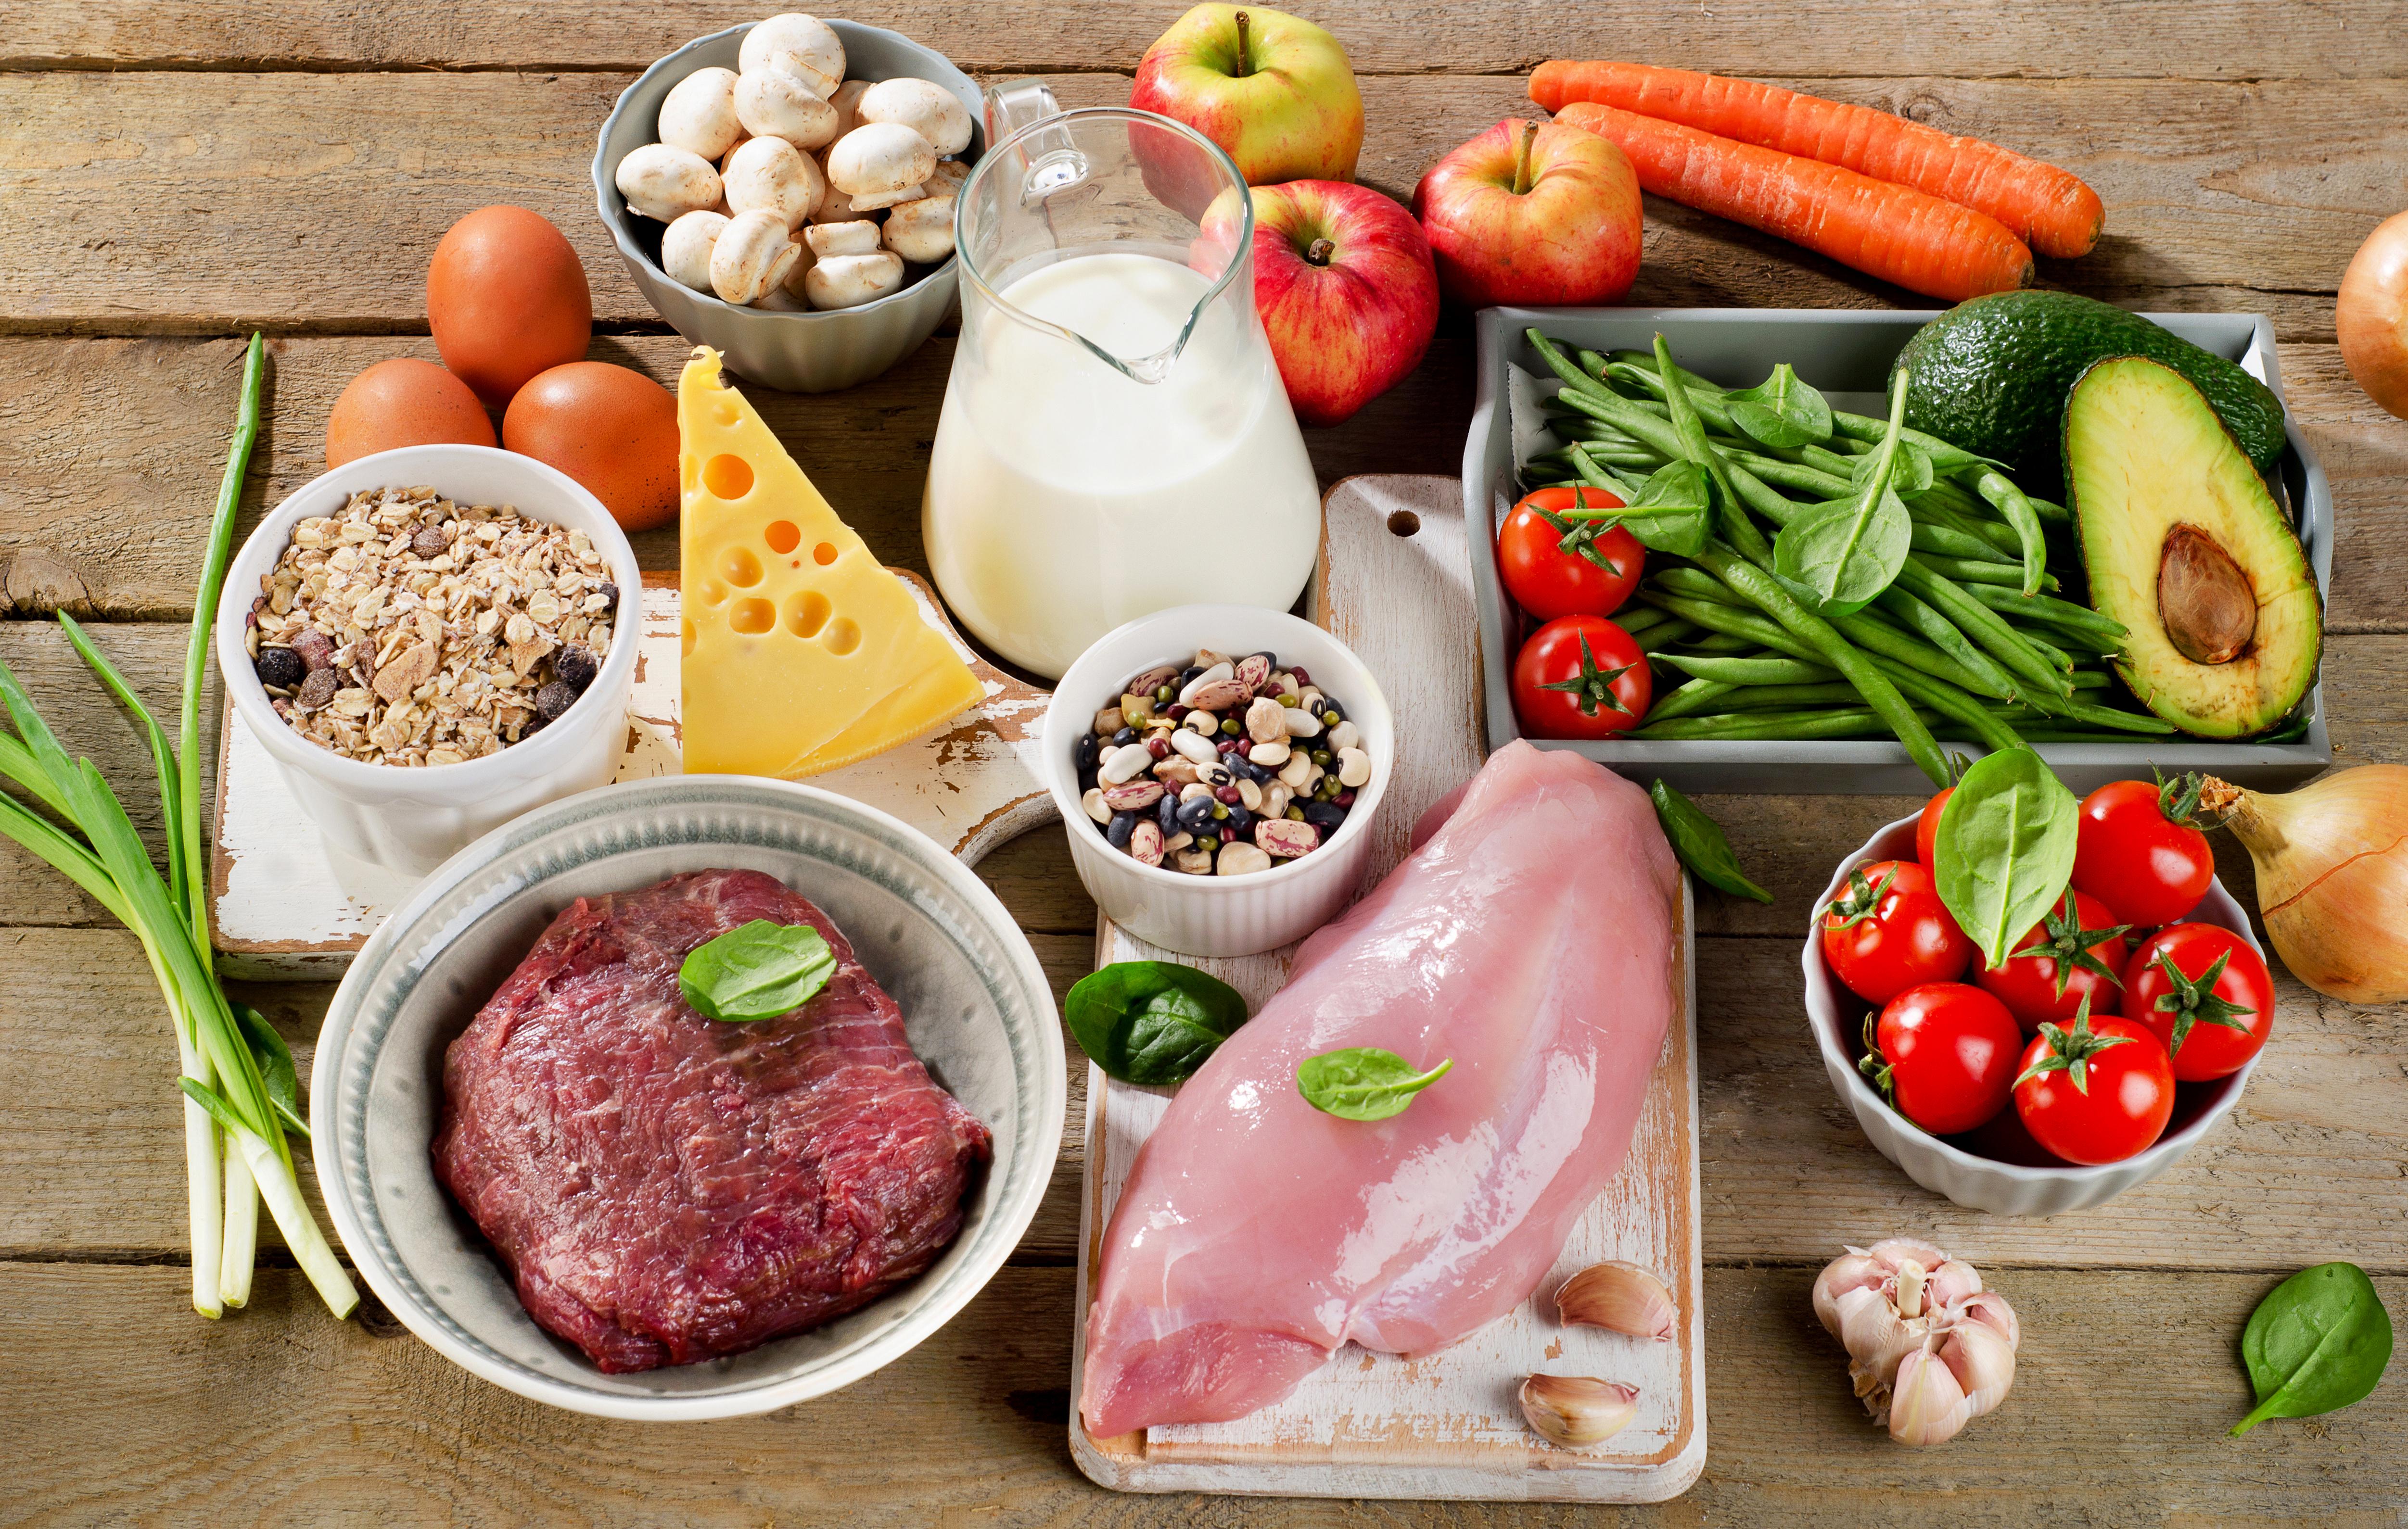 Еда важная часть сбалансированной диеты